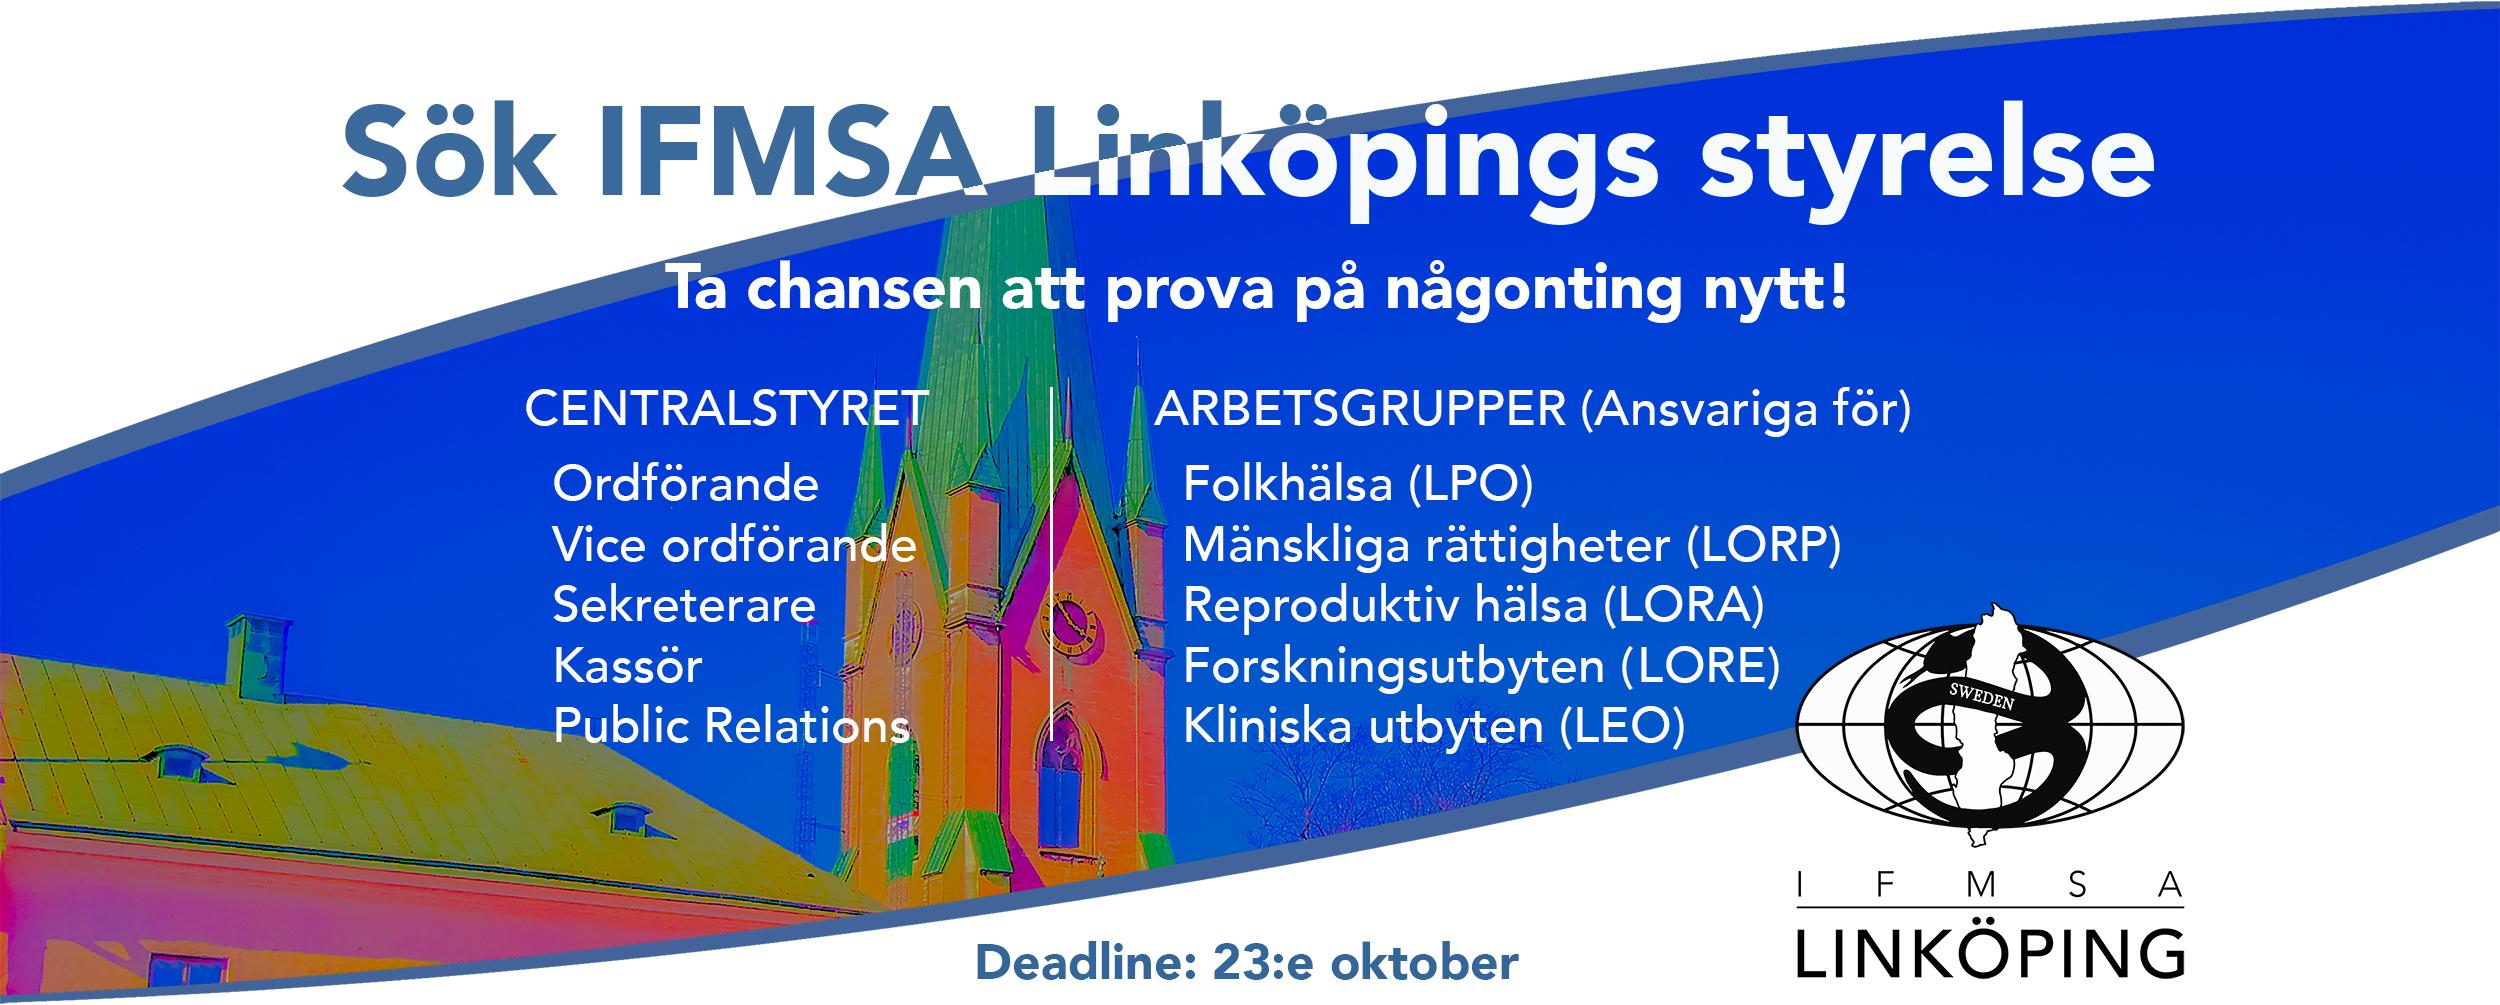 Sök IFMSA Linköpings styrelse